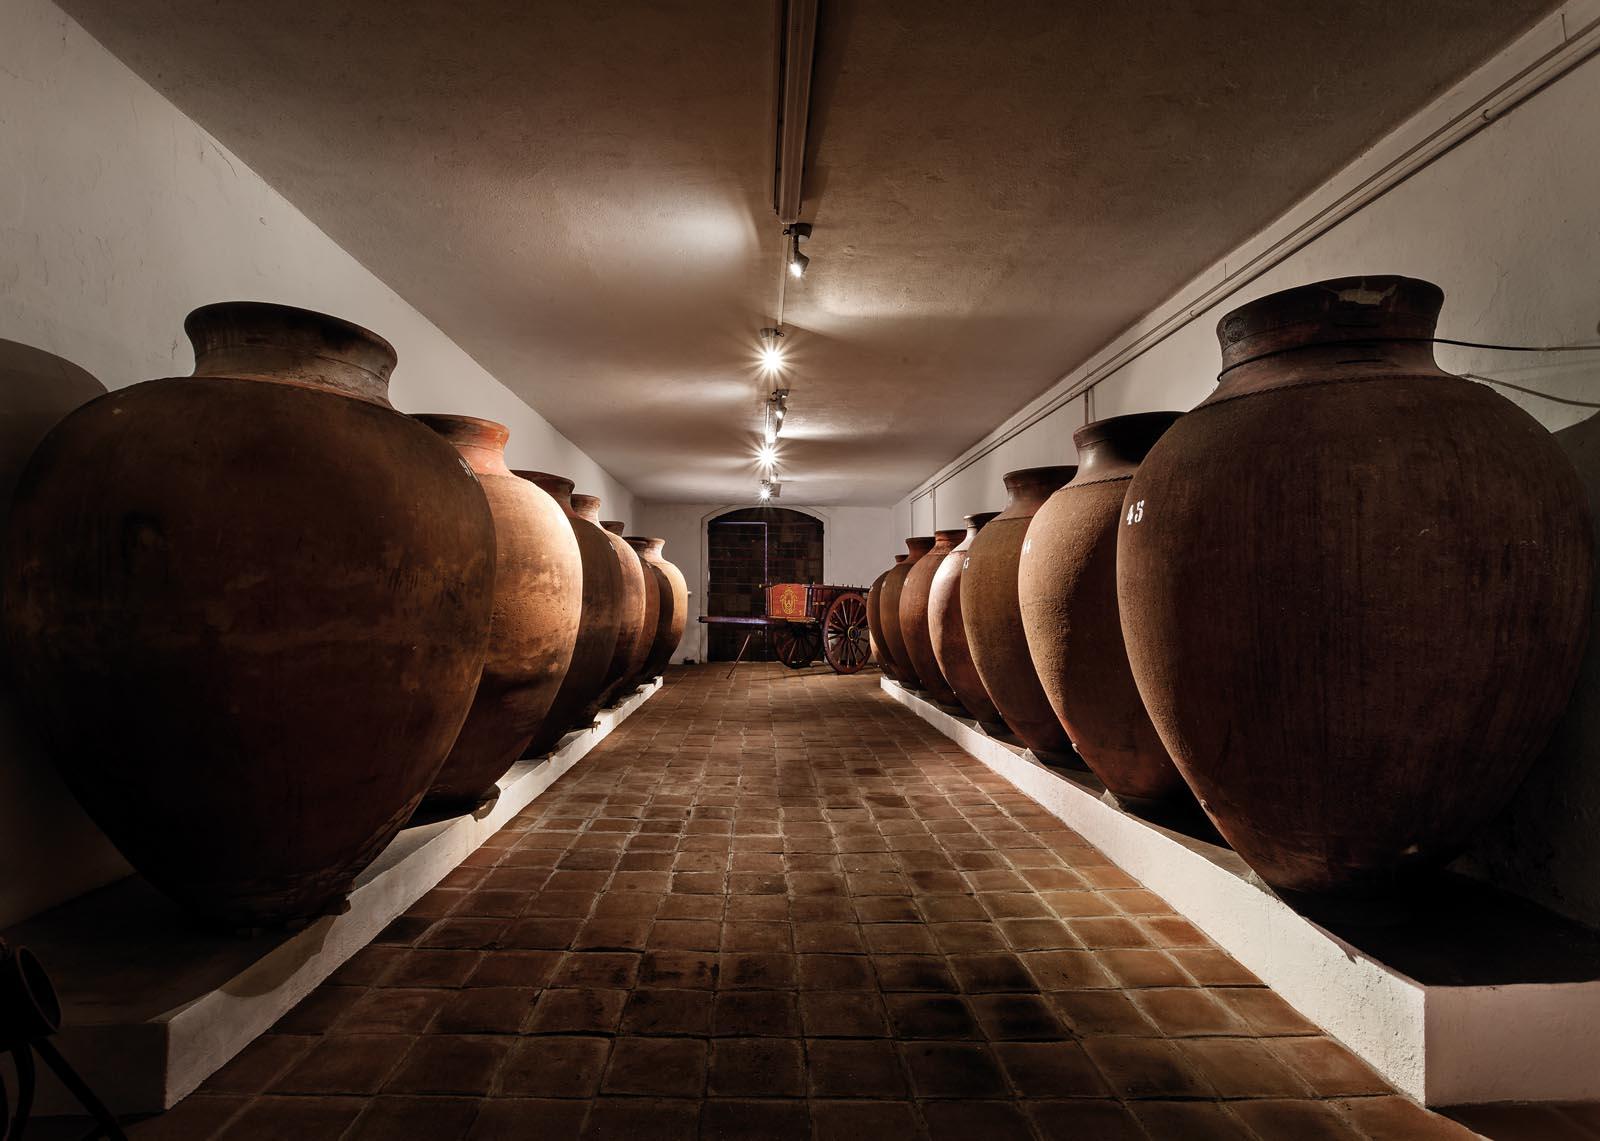 Adega José de Sousa - Prova 4 Vinhos